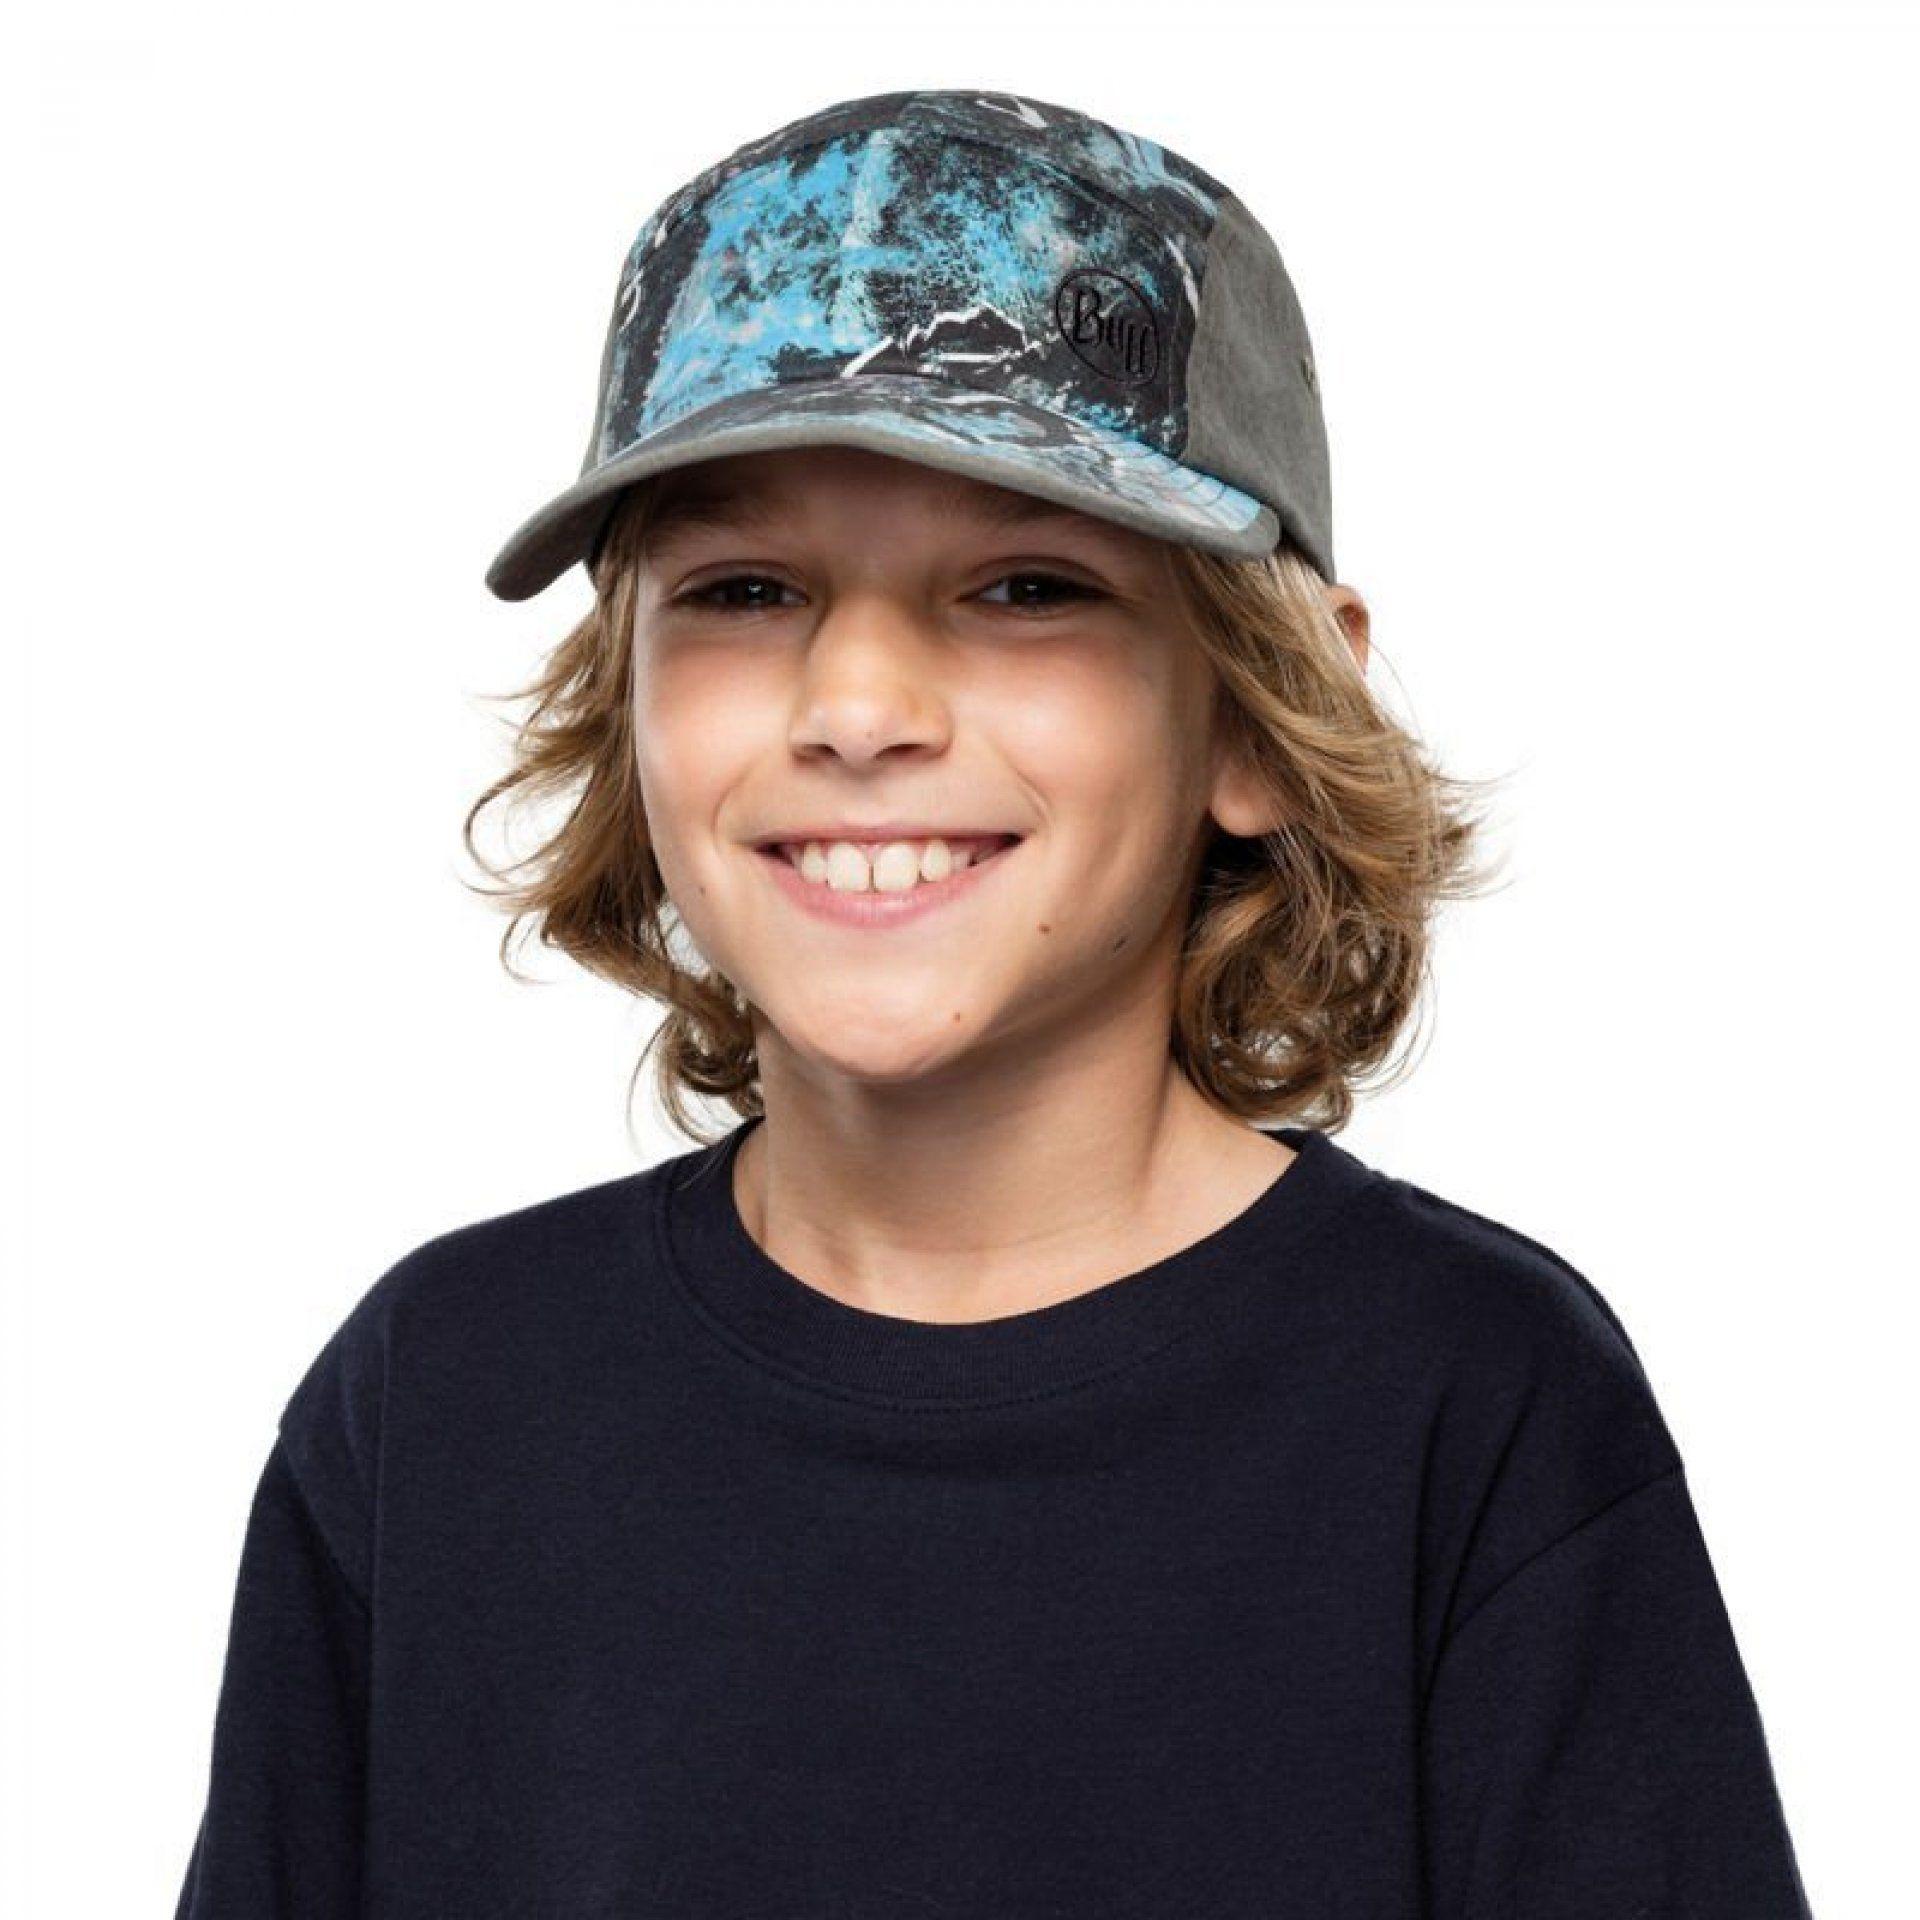 CZAPKA Z DASZKIEM BUFF 5 PANELS CAP KIDS SWAY MULTI NA MODELU